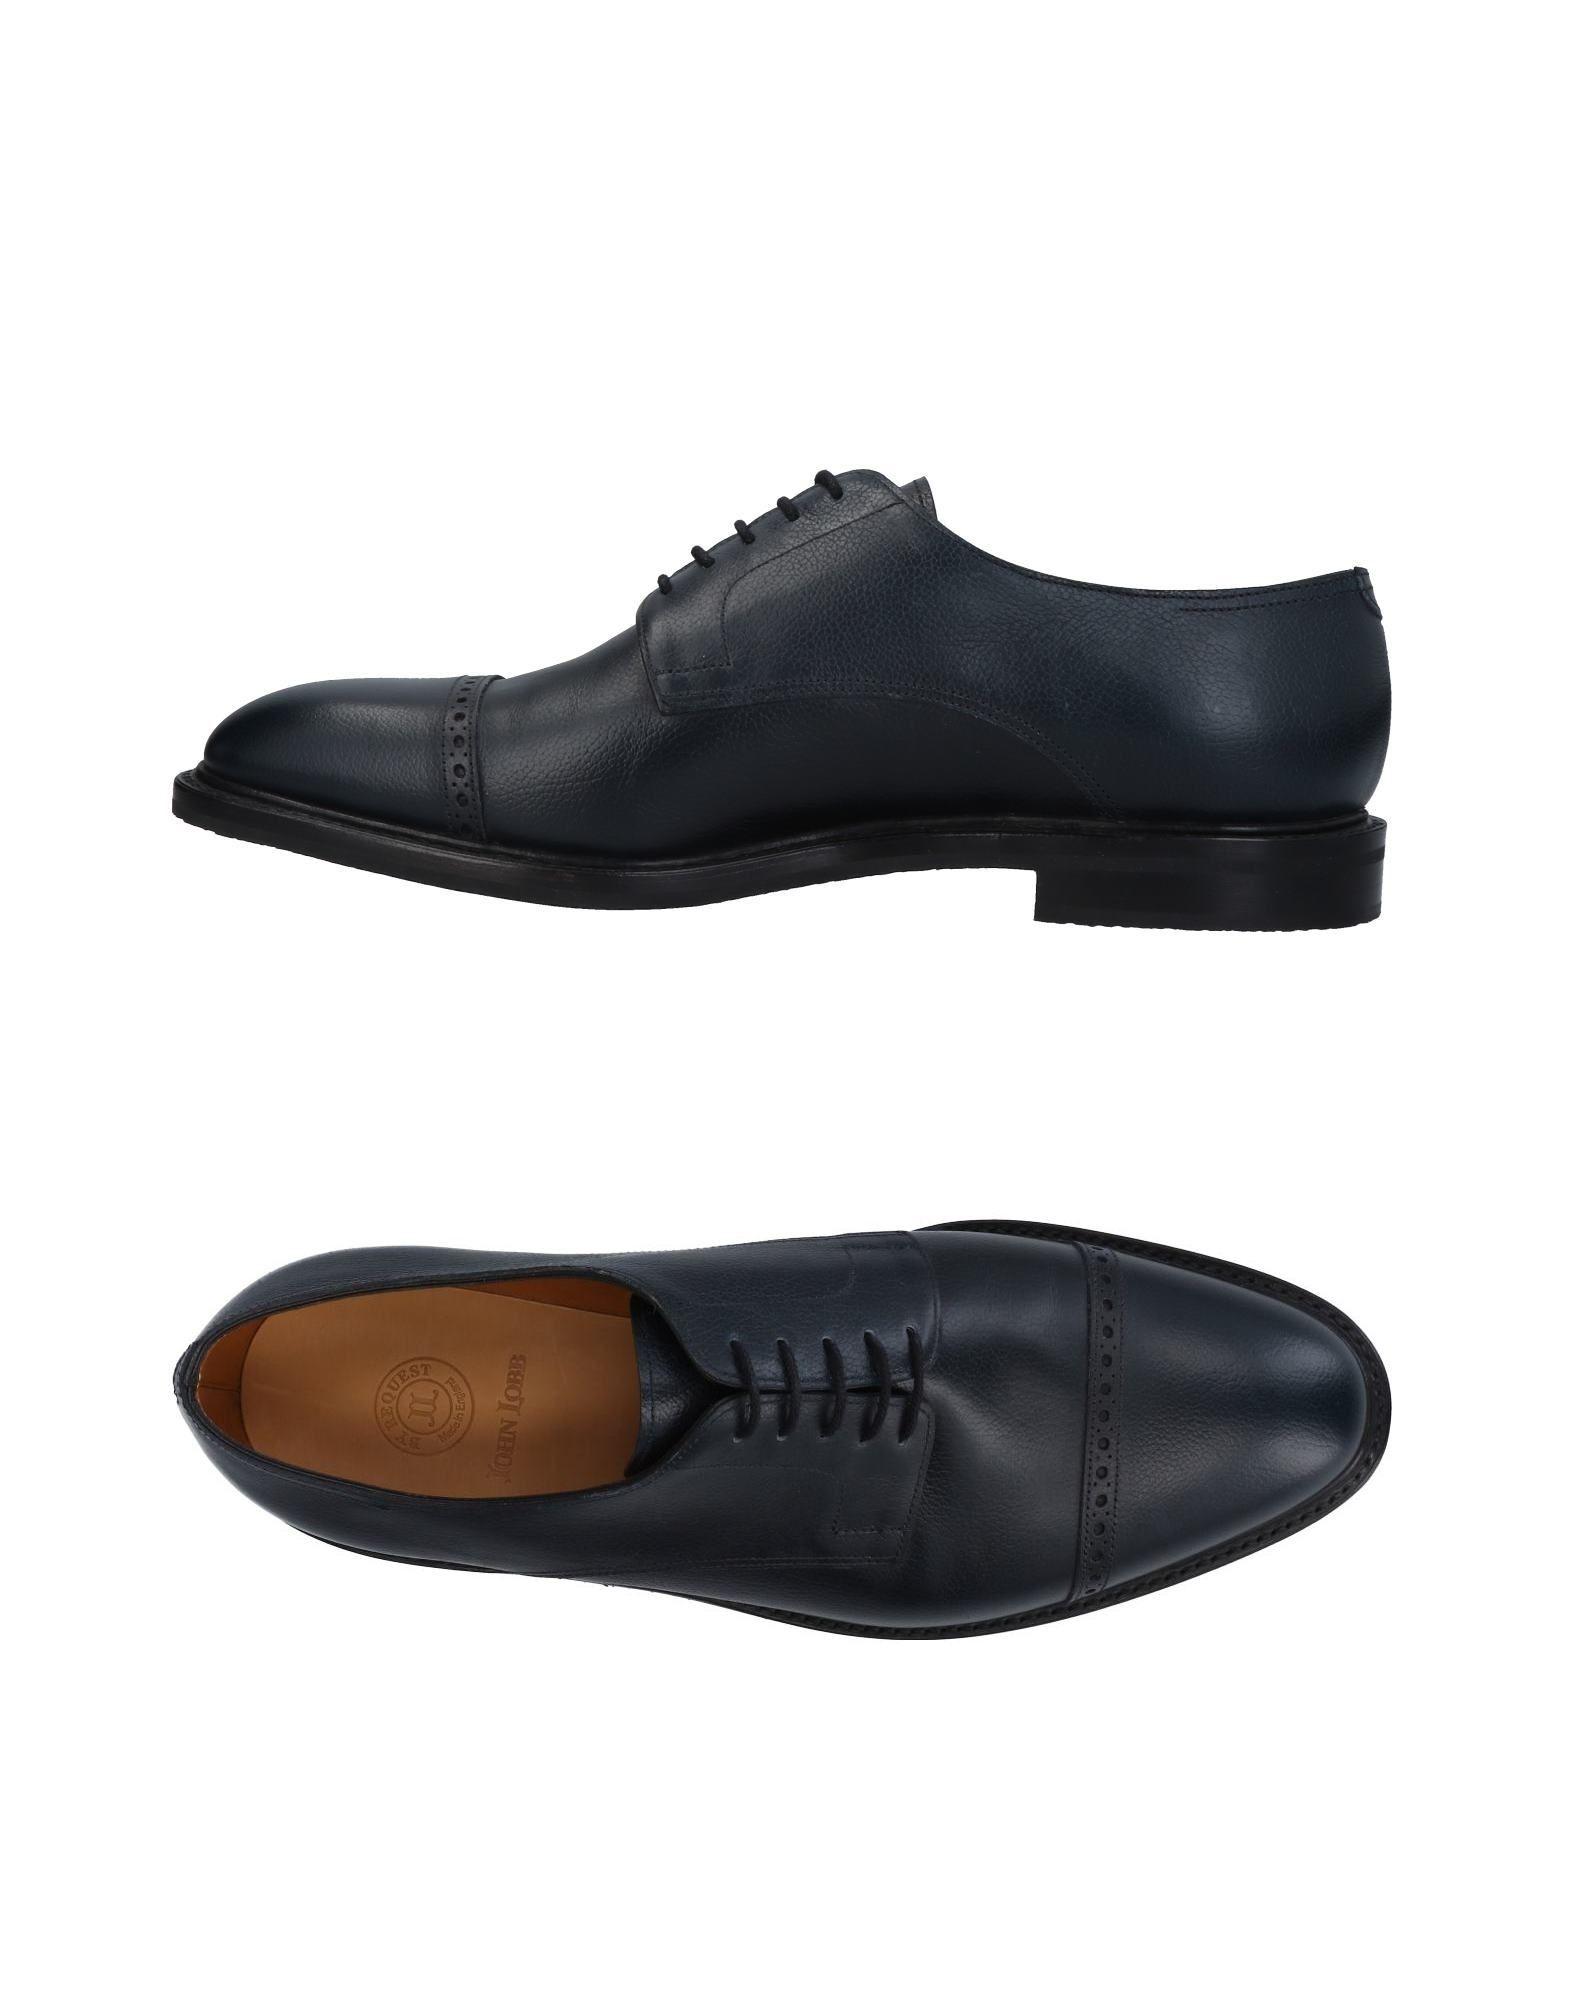 Chaussures À Lacets John Lobb Homme - Chaussures À Lacets John Lobb sur